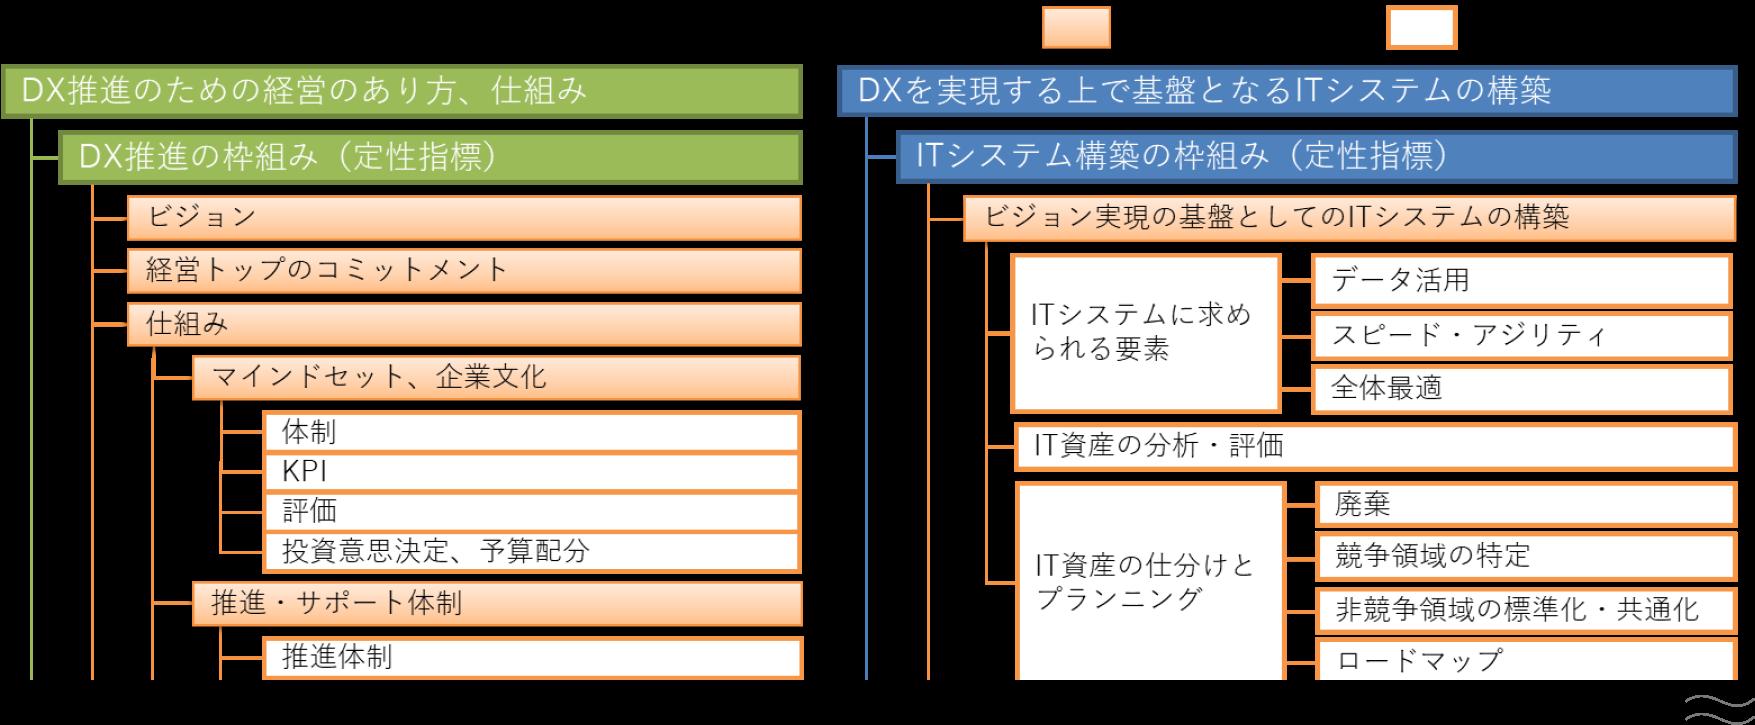 経産省 DX推進指標